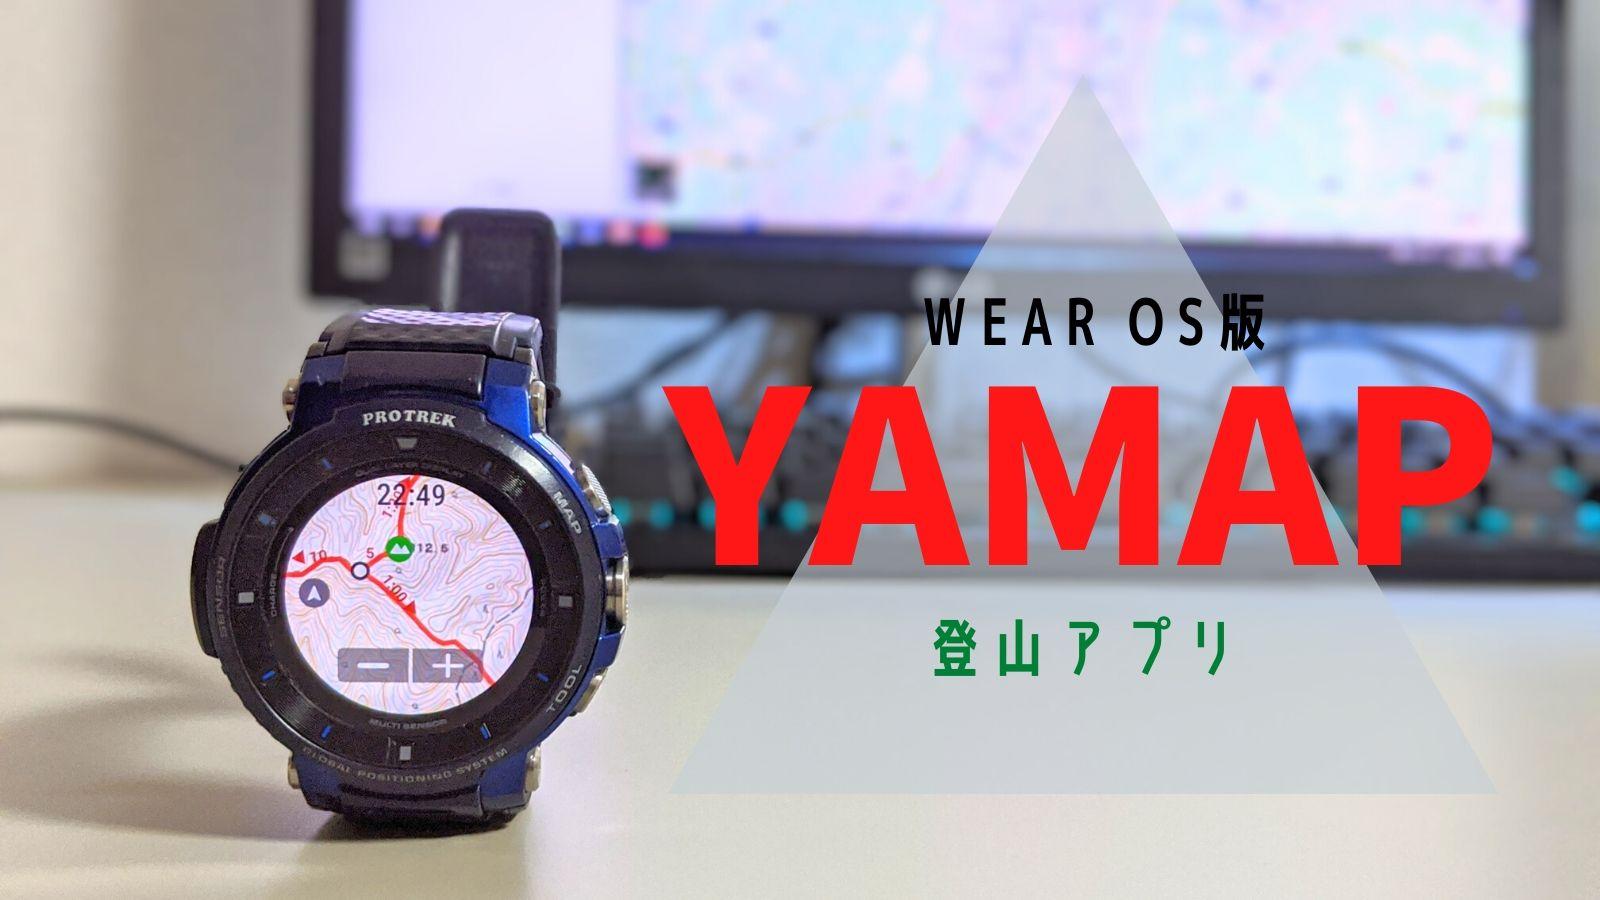 wear osのYAMAPアプリの紹介